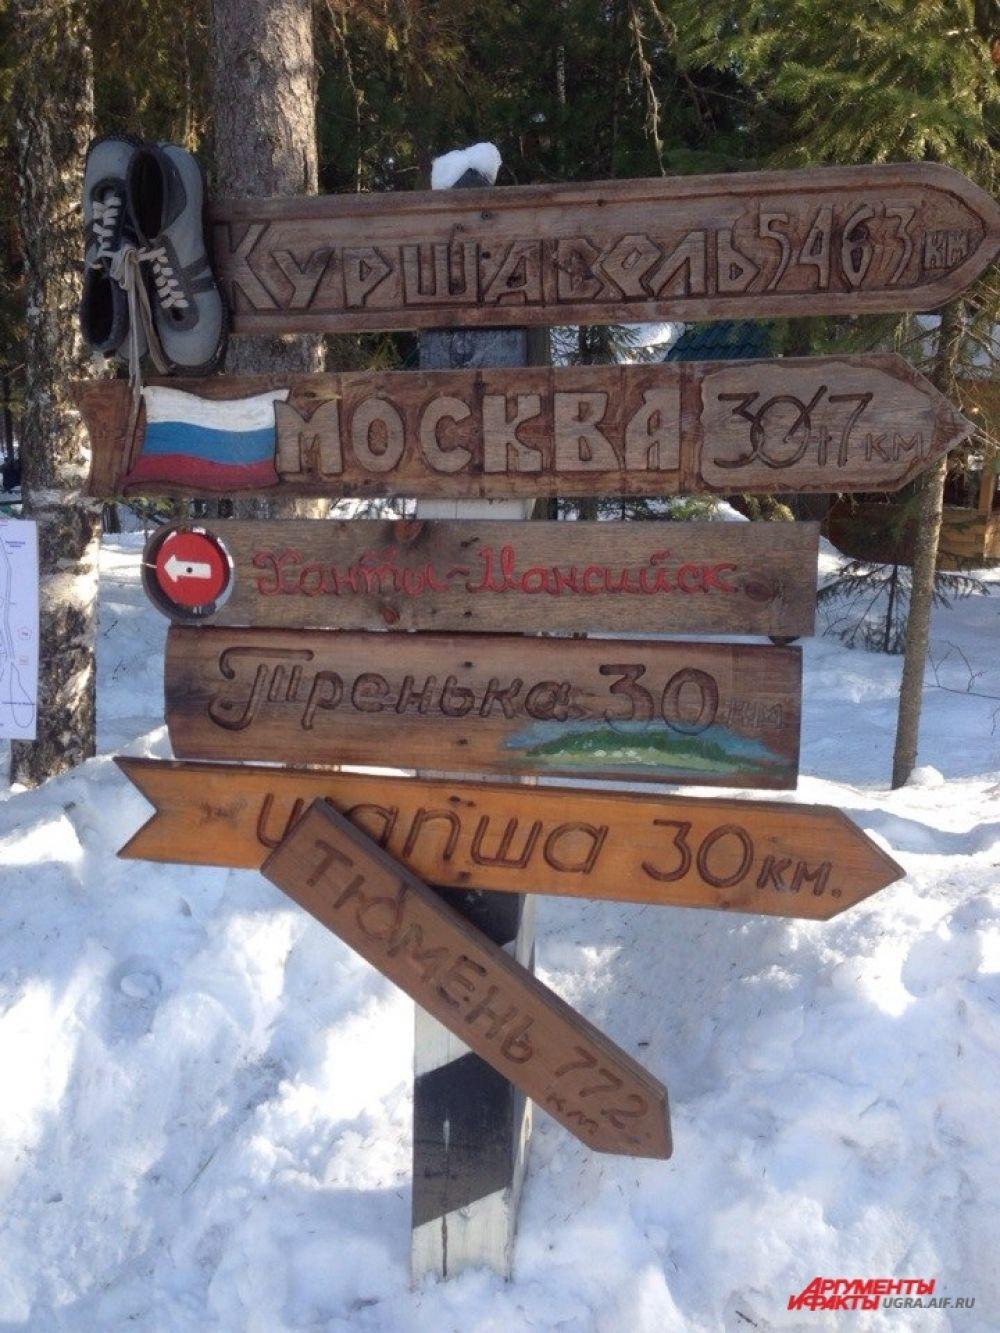 На входе в питомник стоит резной указатель, на котором выведены расстояния до Москвы, Тюмени и даже Куршавеля.